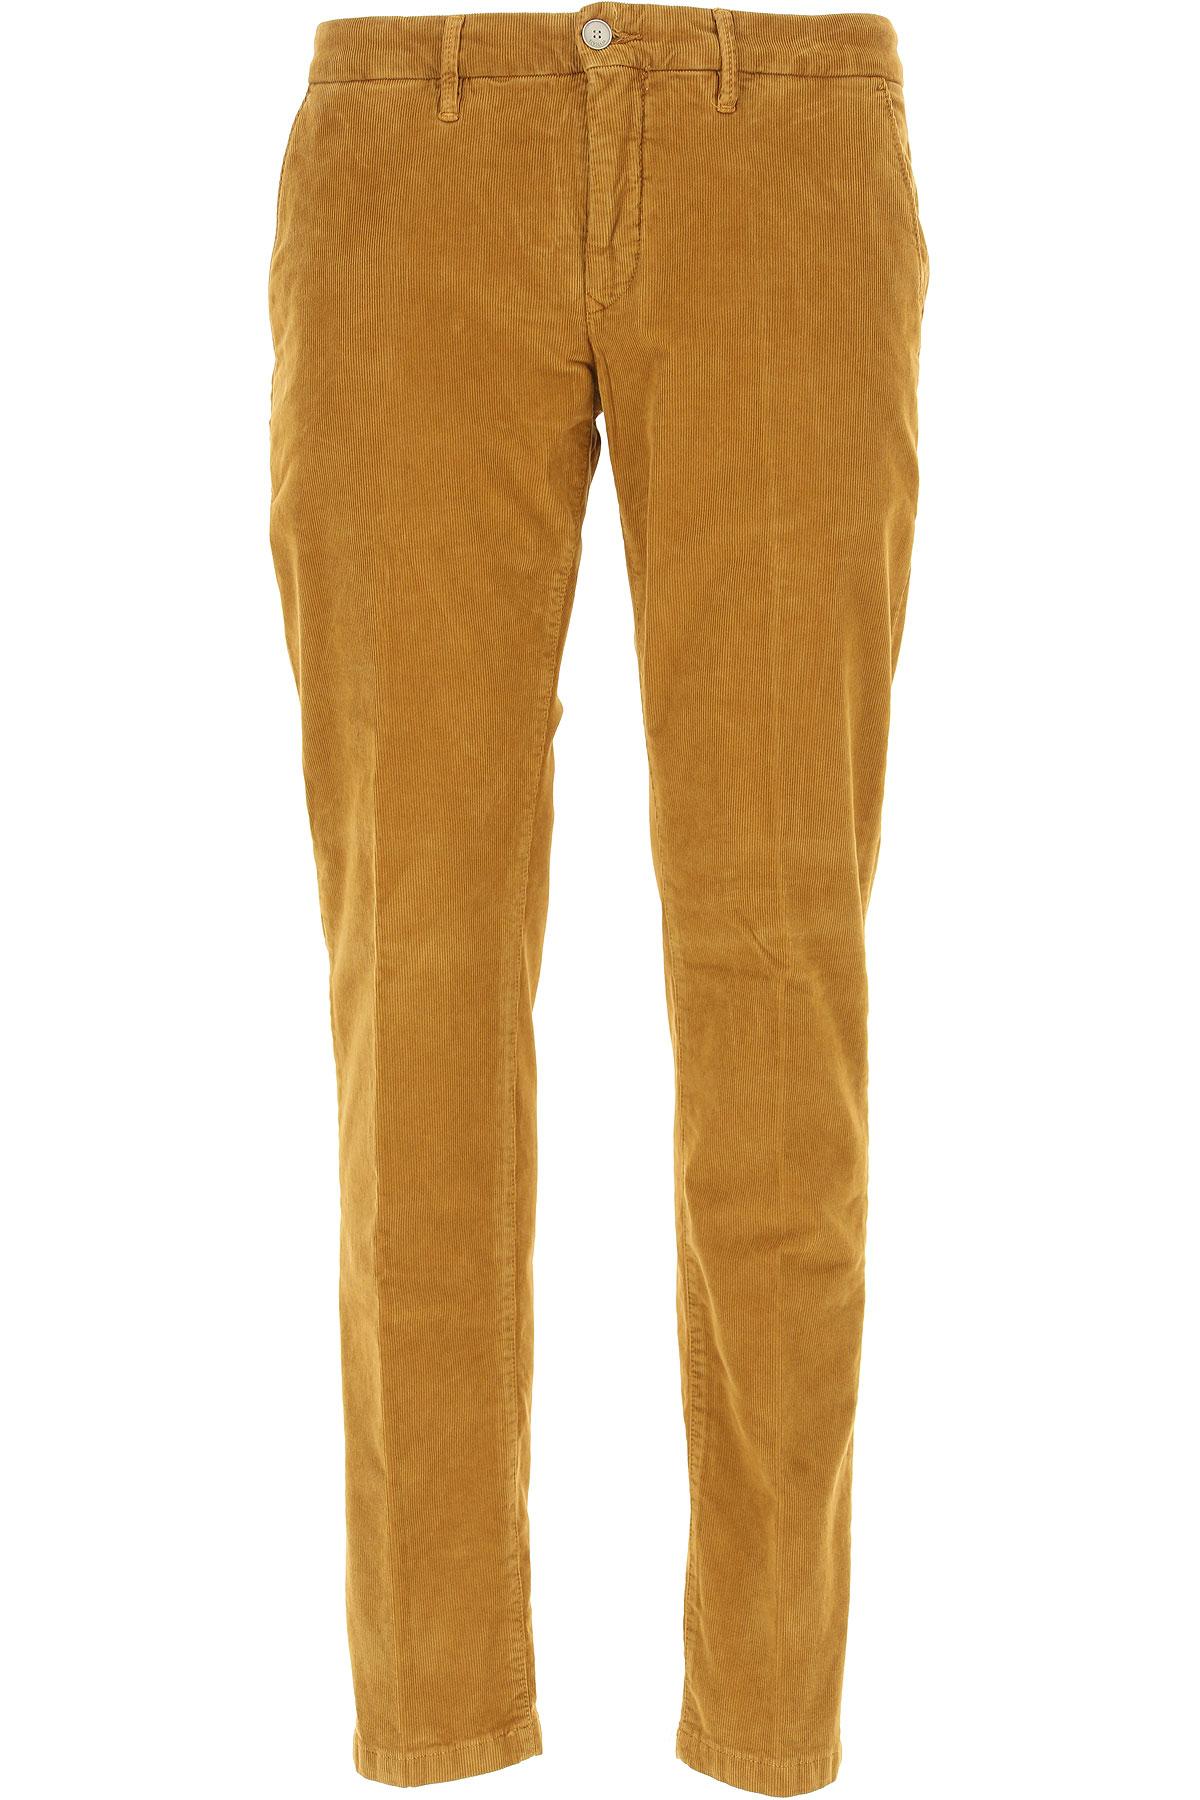 Siviglia Pants for Men On Sale, Camel, Cotton, 2017, 32 33 34 35 36